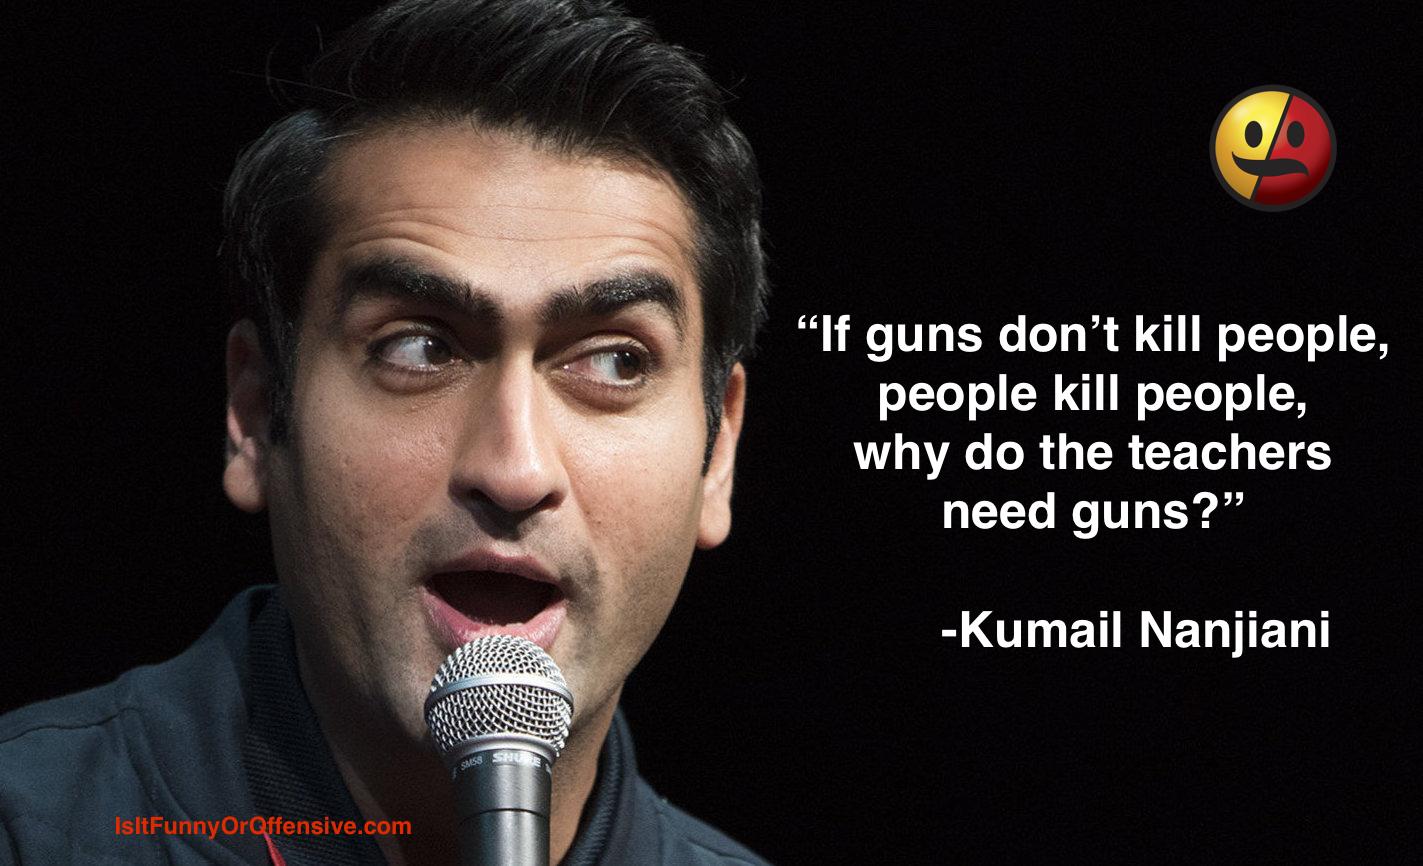 Kumail Nanjiani on Teachers and Guns